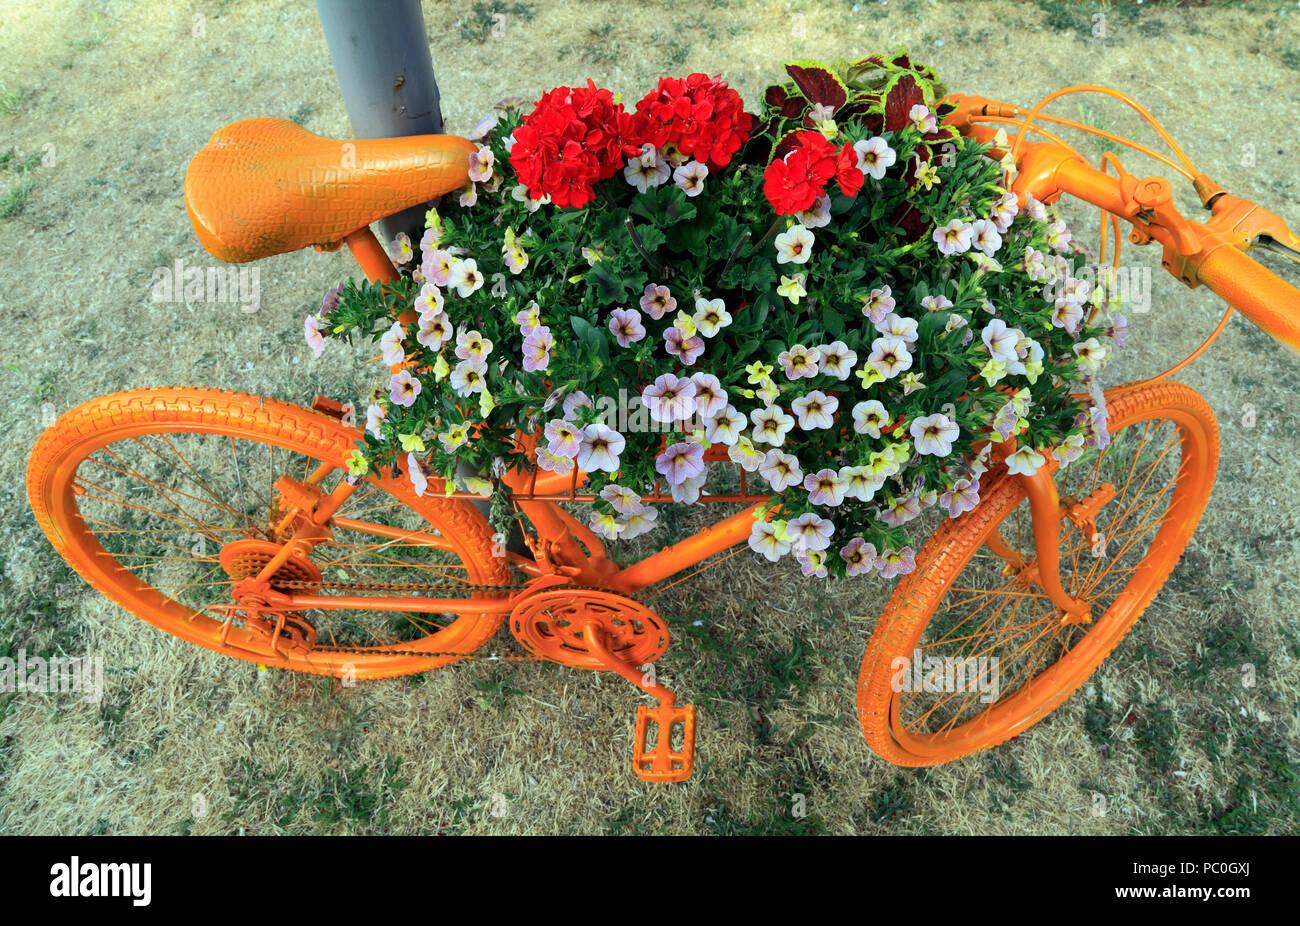 Hunstanton in fiore, di colore arancio spruzzata bicicletta, insolito, contenitore di lettiera, piante e fiori Immagini Stock